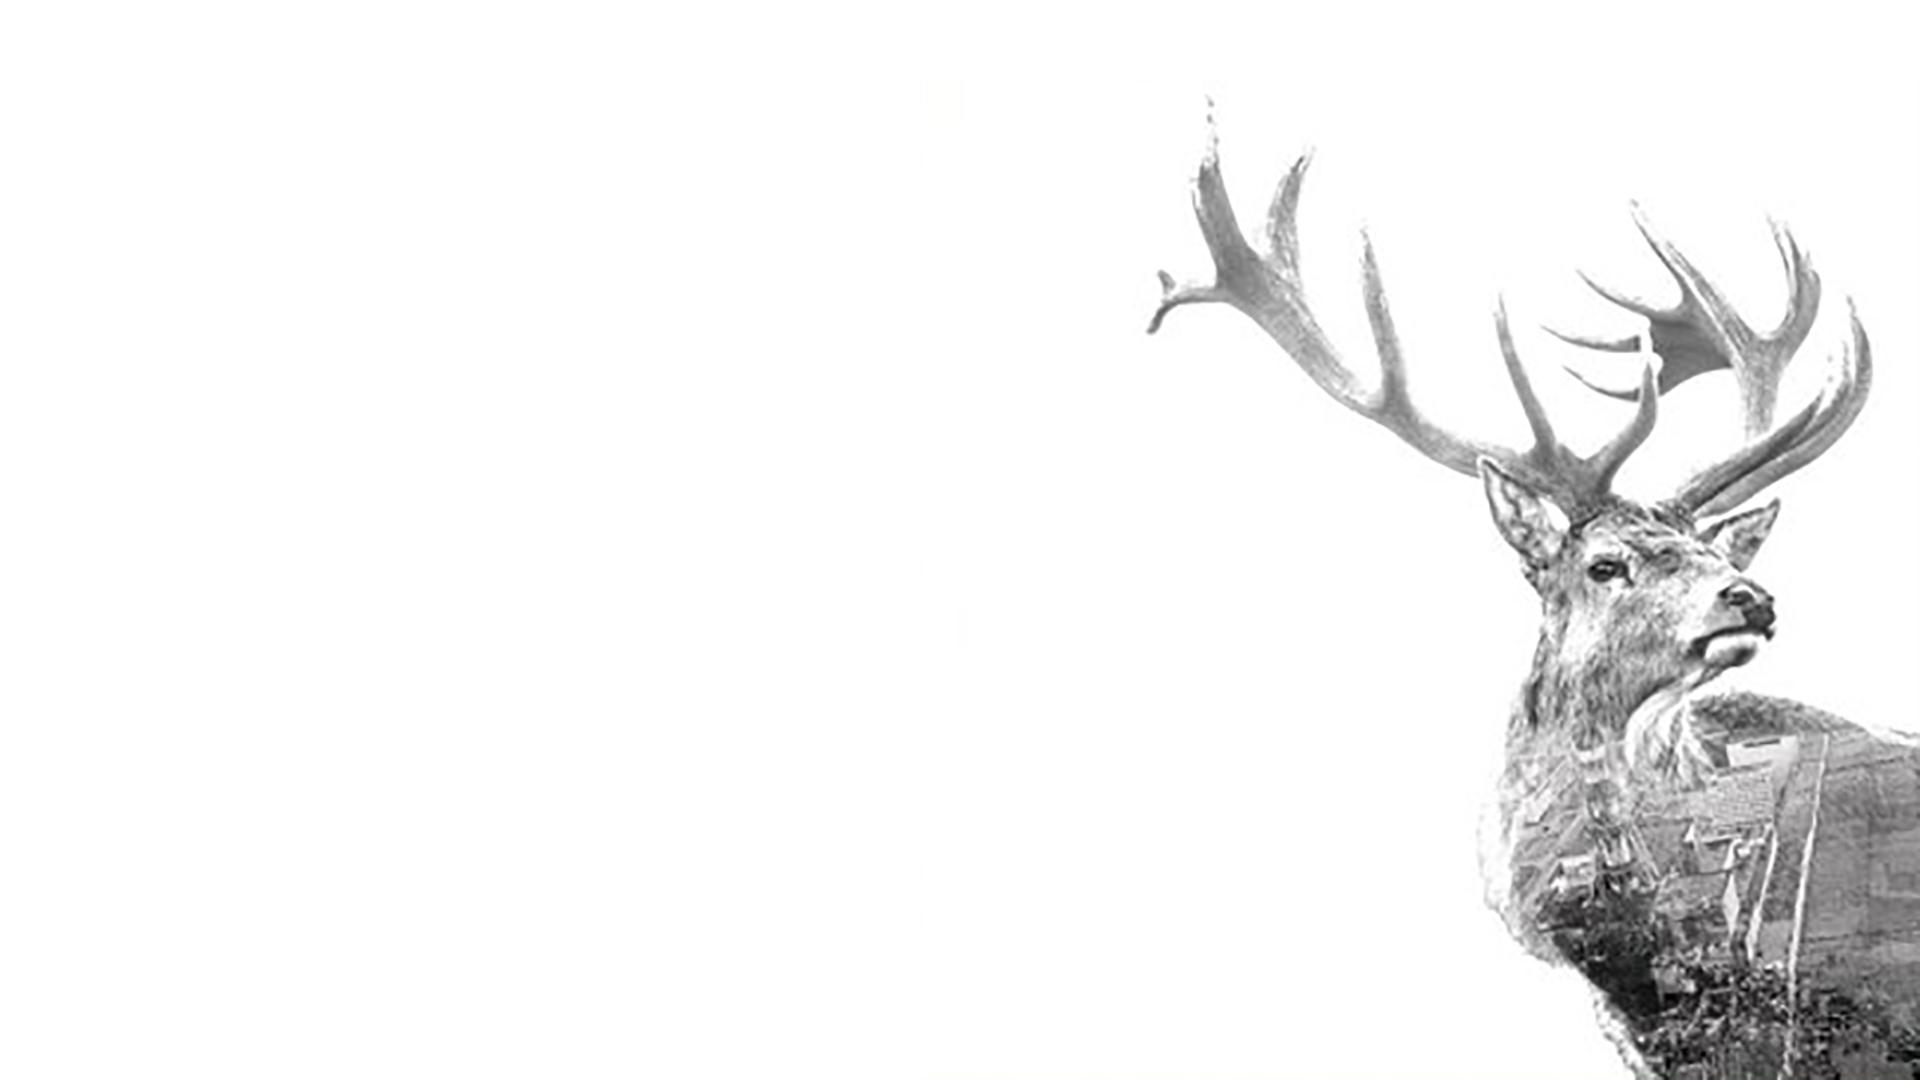 Tyylitelty kuva peurasta